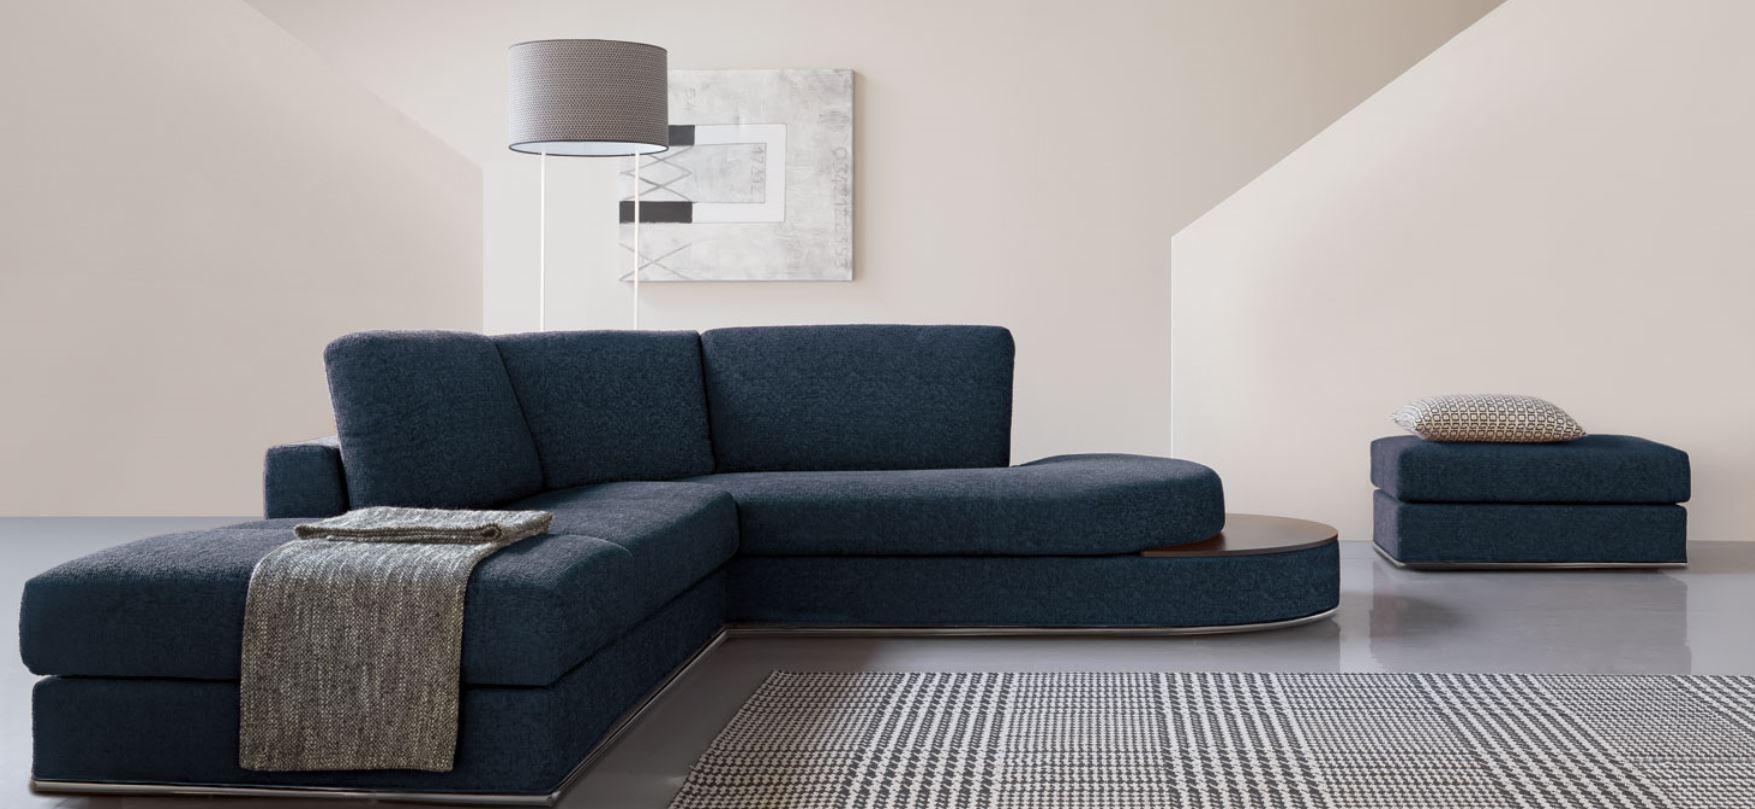 Divano angolare con chaise longue in tessuto for Arredamenti francavilla fontana